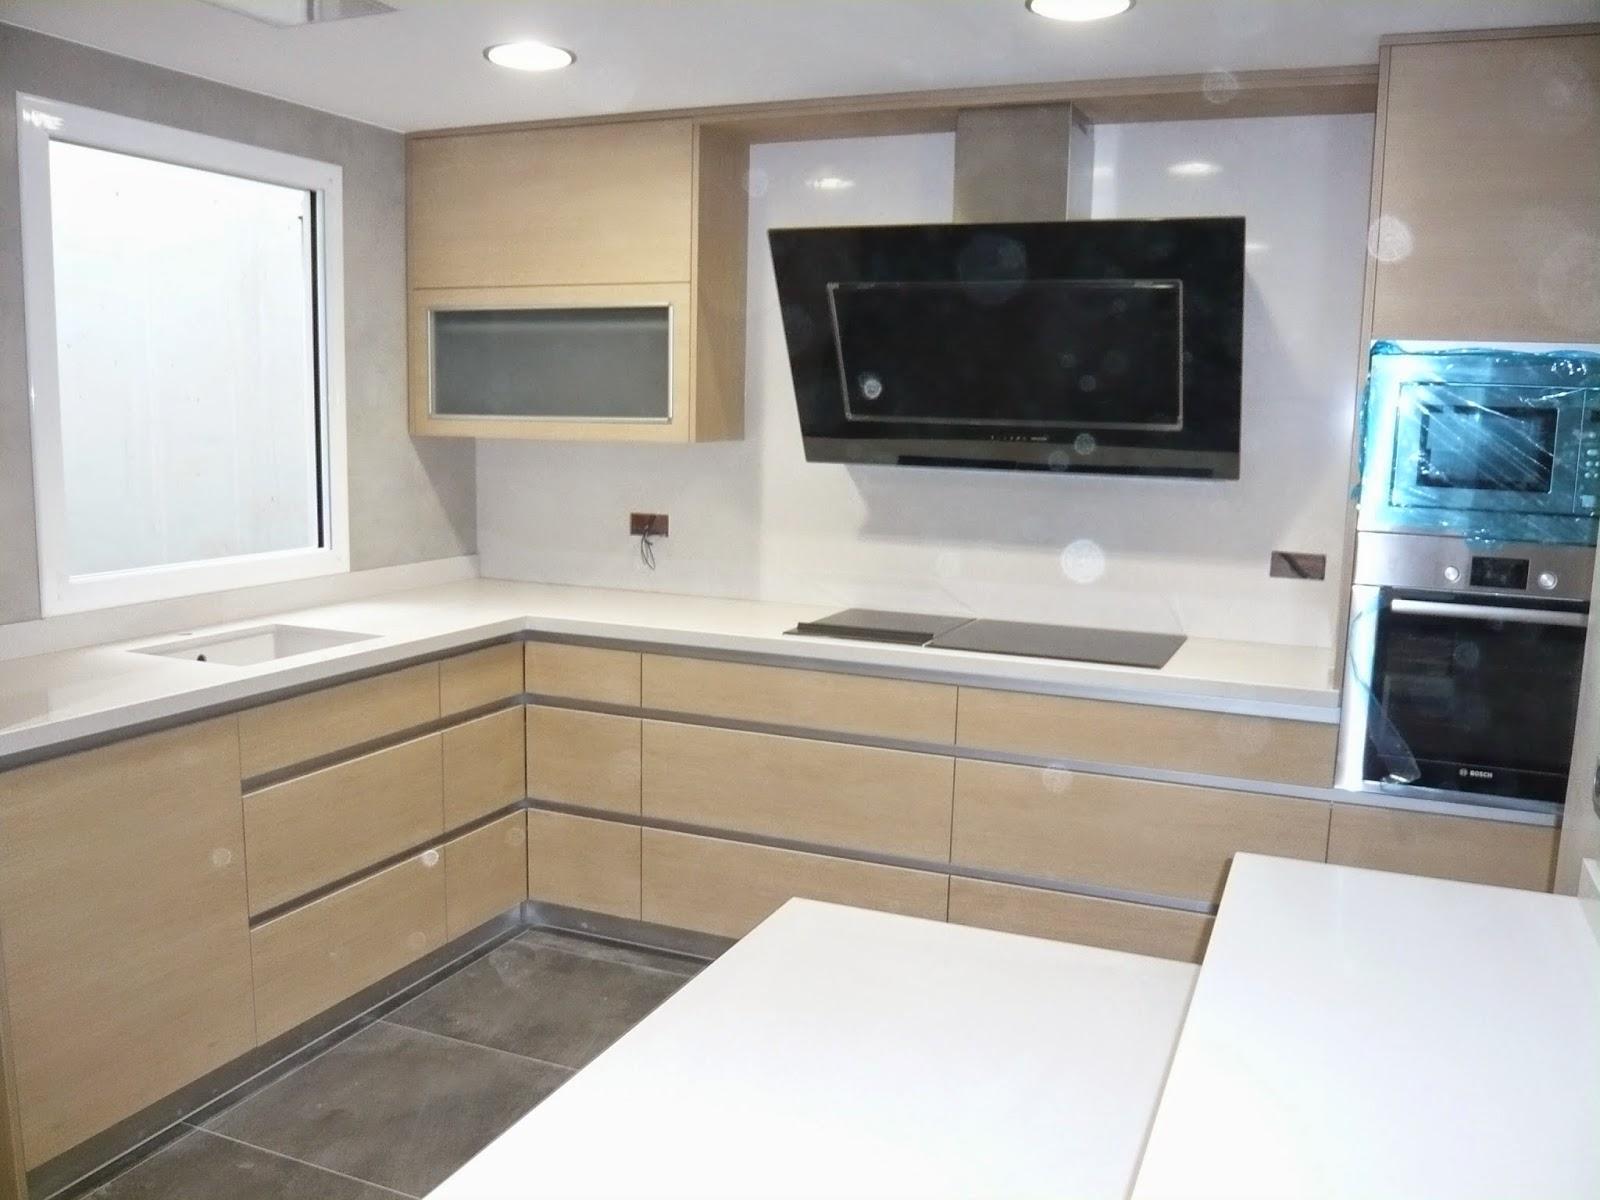 Reuscuina muebles de cocina sin tiradores gola - Tiradores de muebles de cocina ...